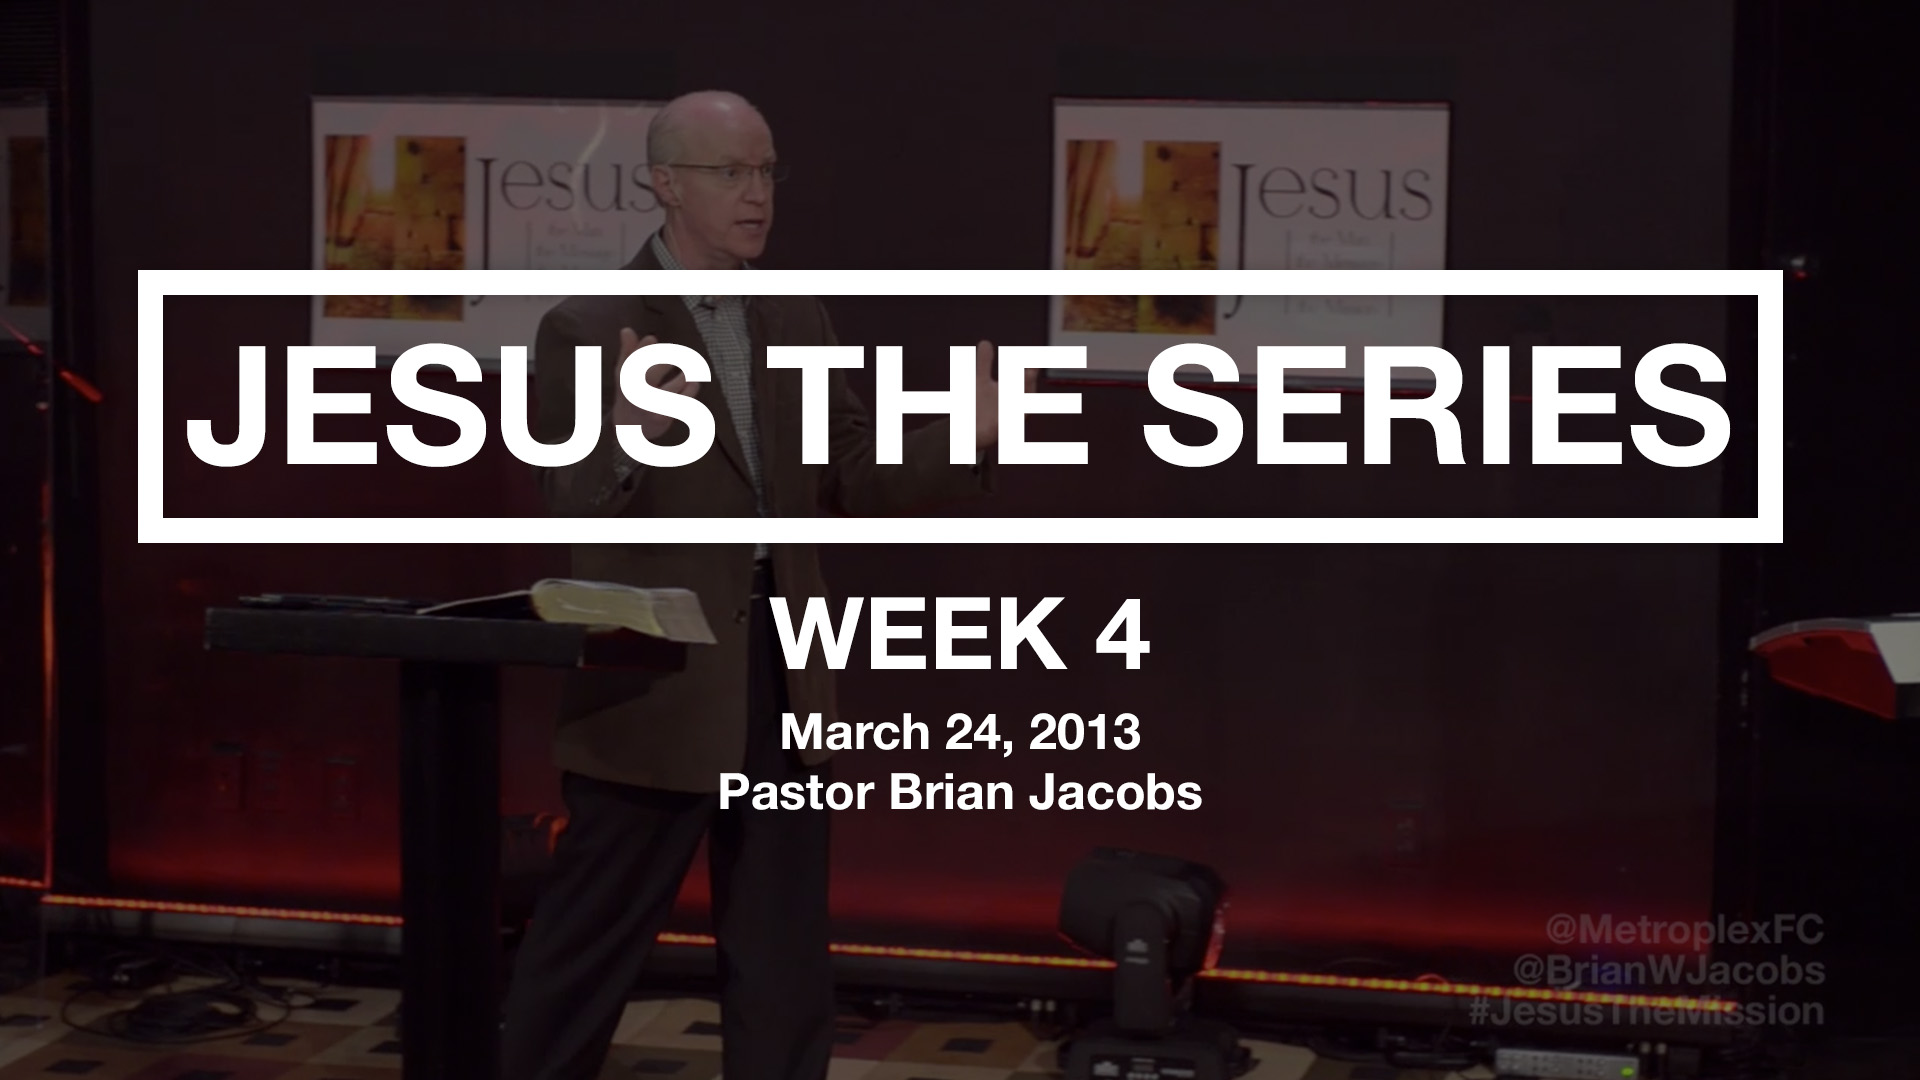 Jesus The Series - Week 4 - Thumbnail.jpg